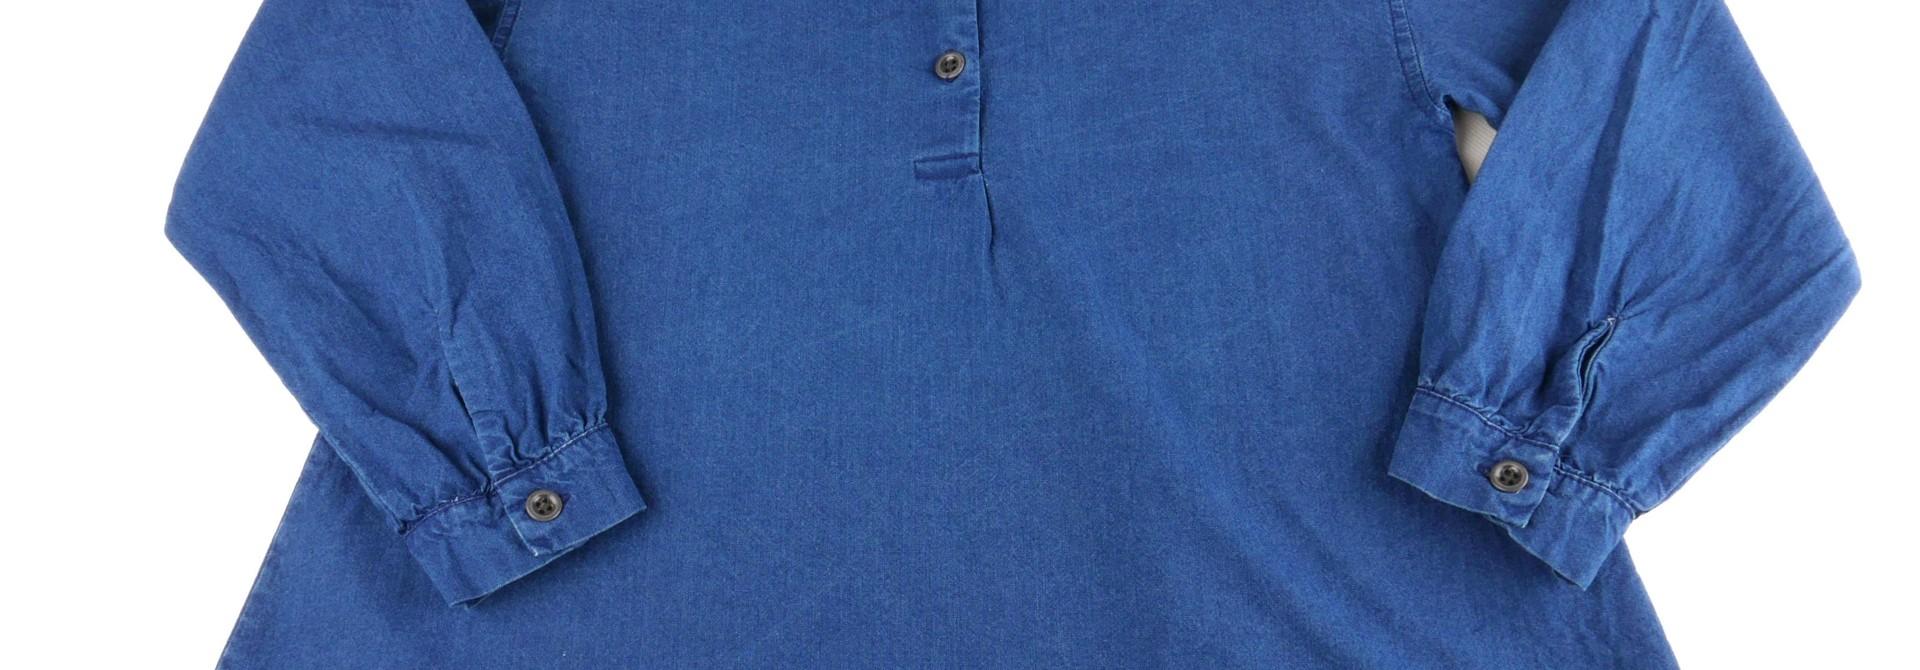 Jeans hemdje Bellerose